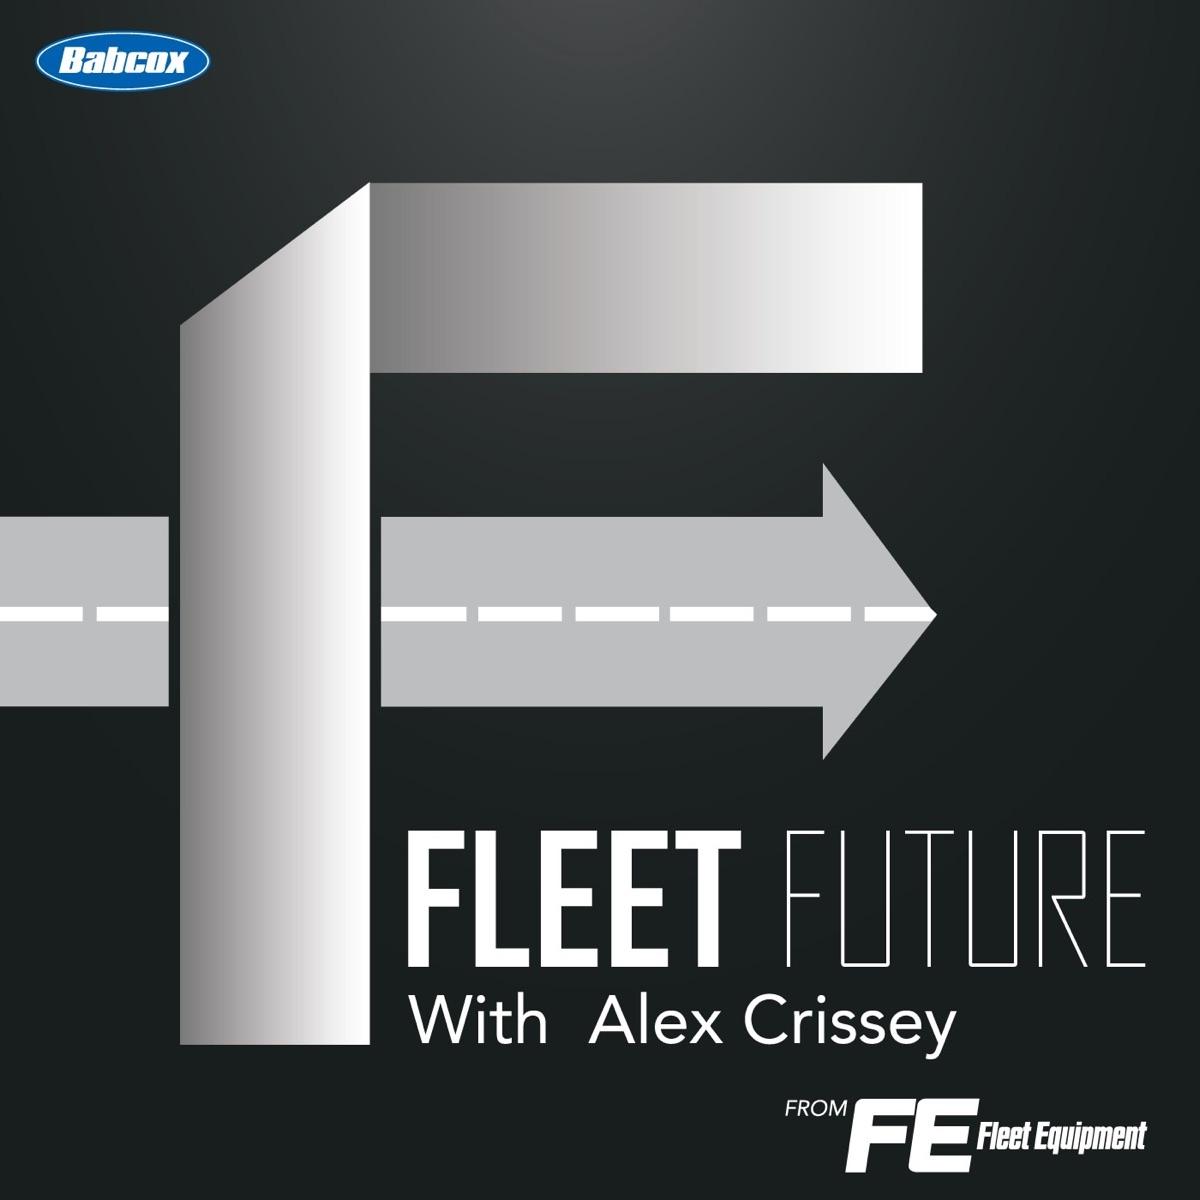 Fleet Future